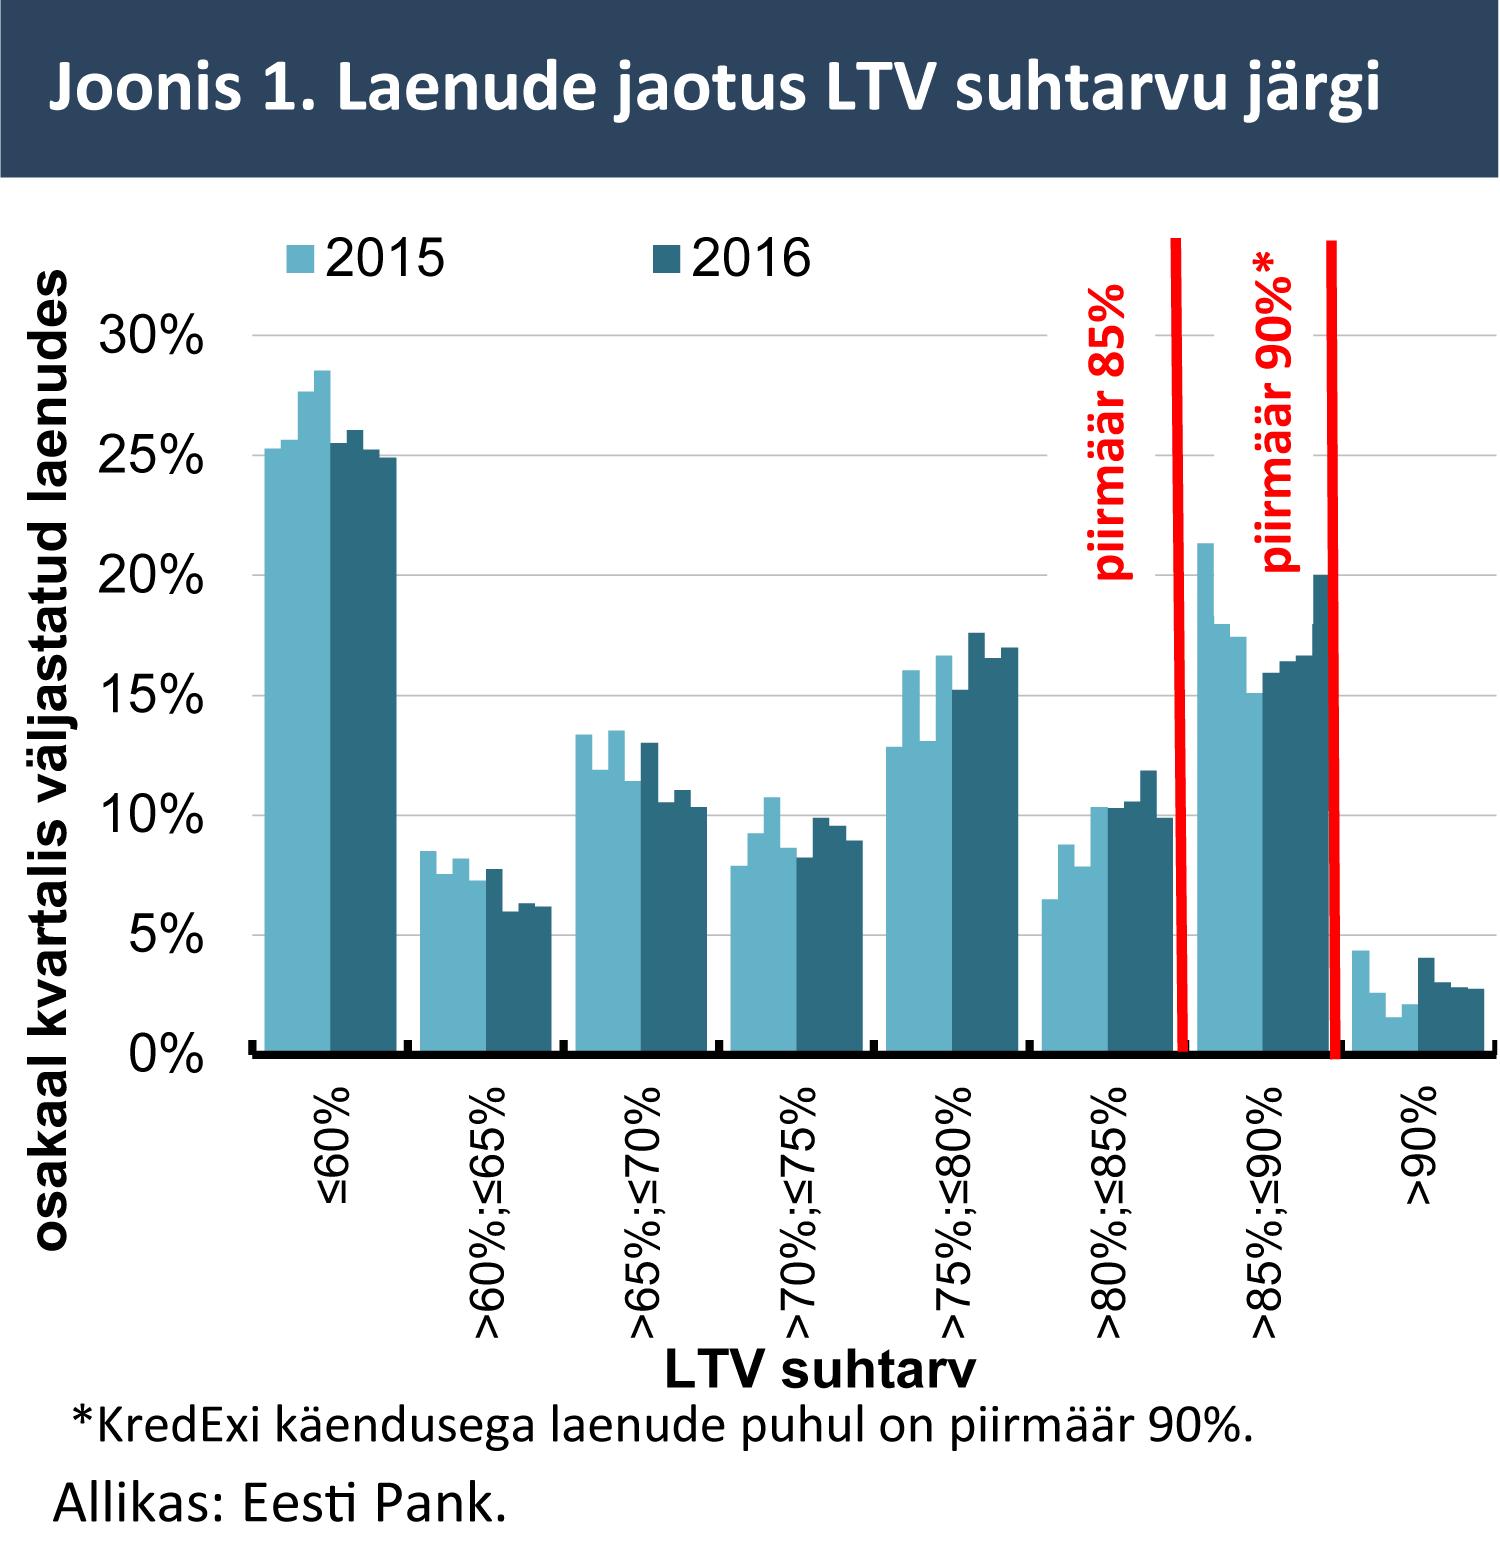 Laenude jaotus LTV suhtarvu järgi